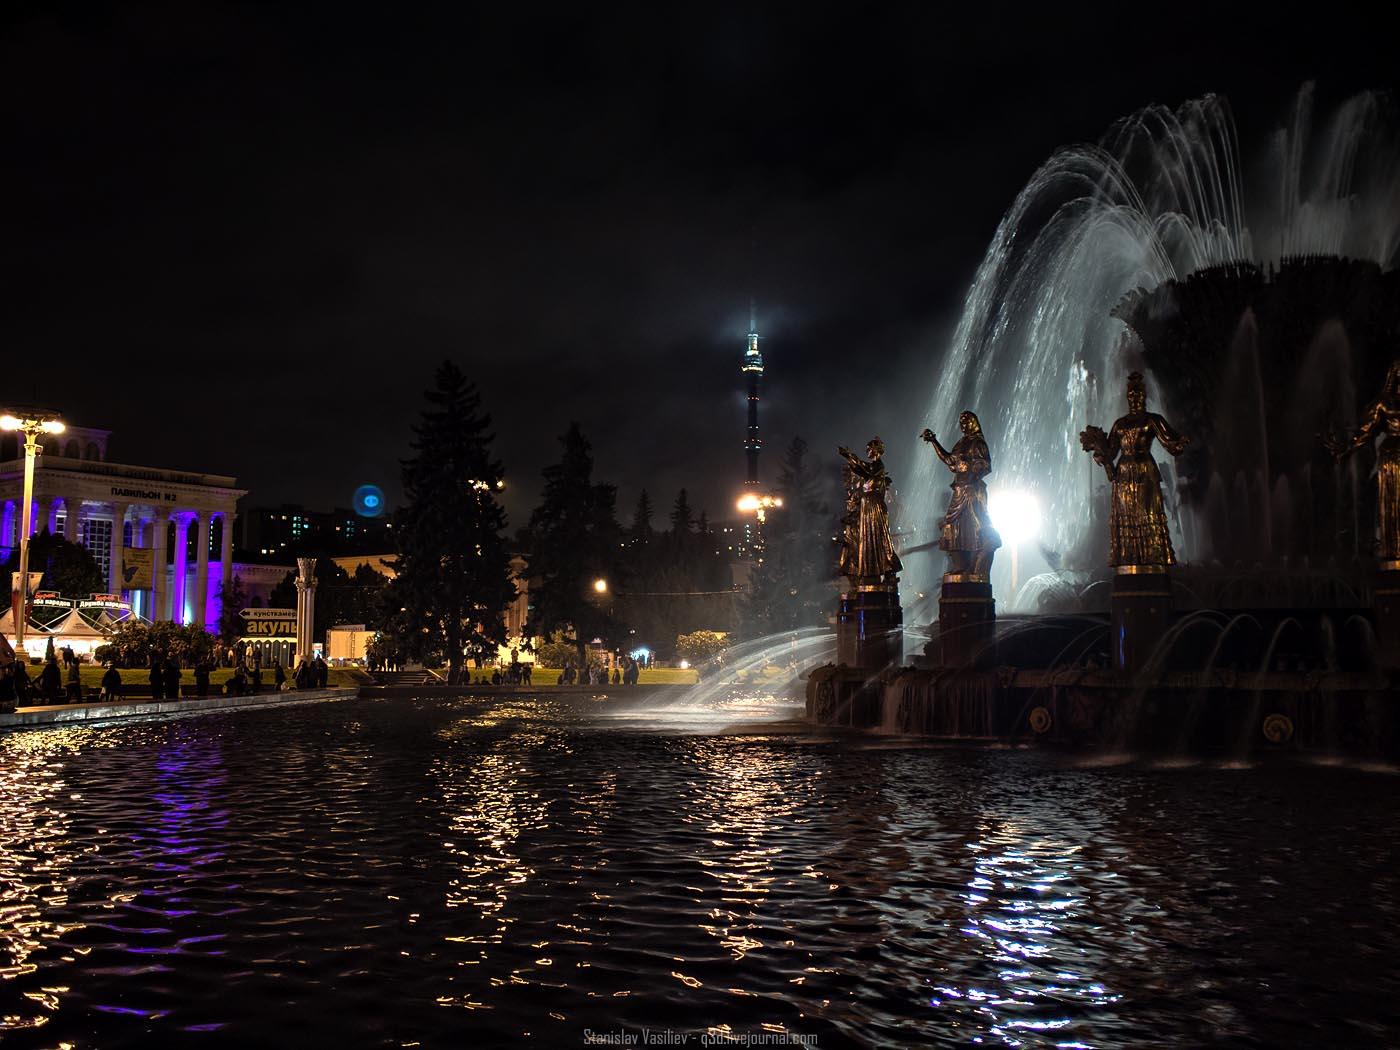 День города - Москва - 2013 - #097